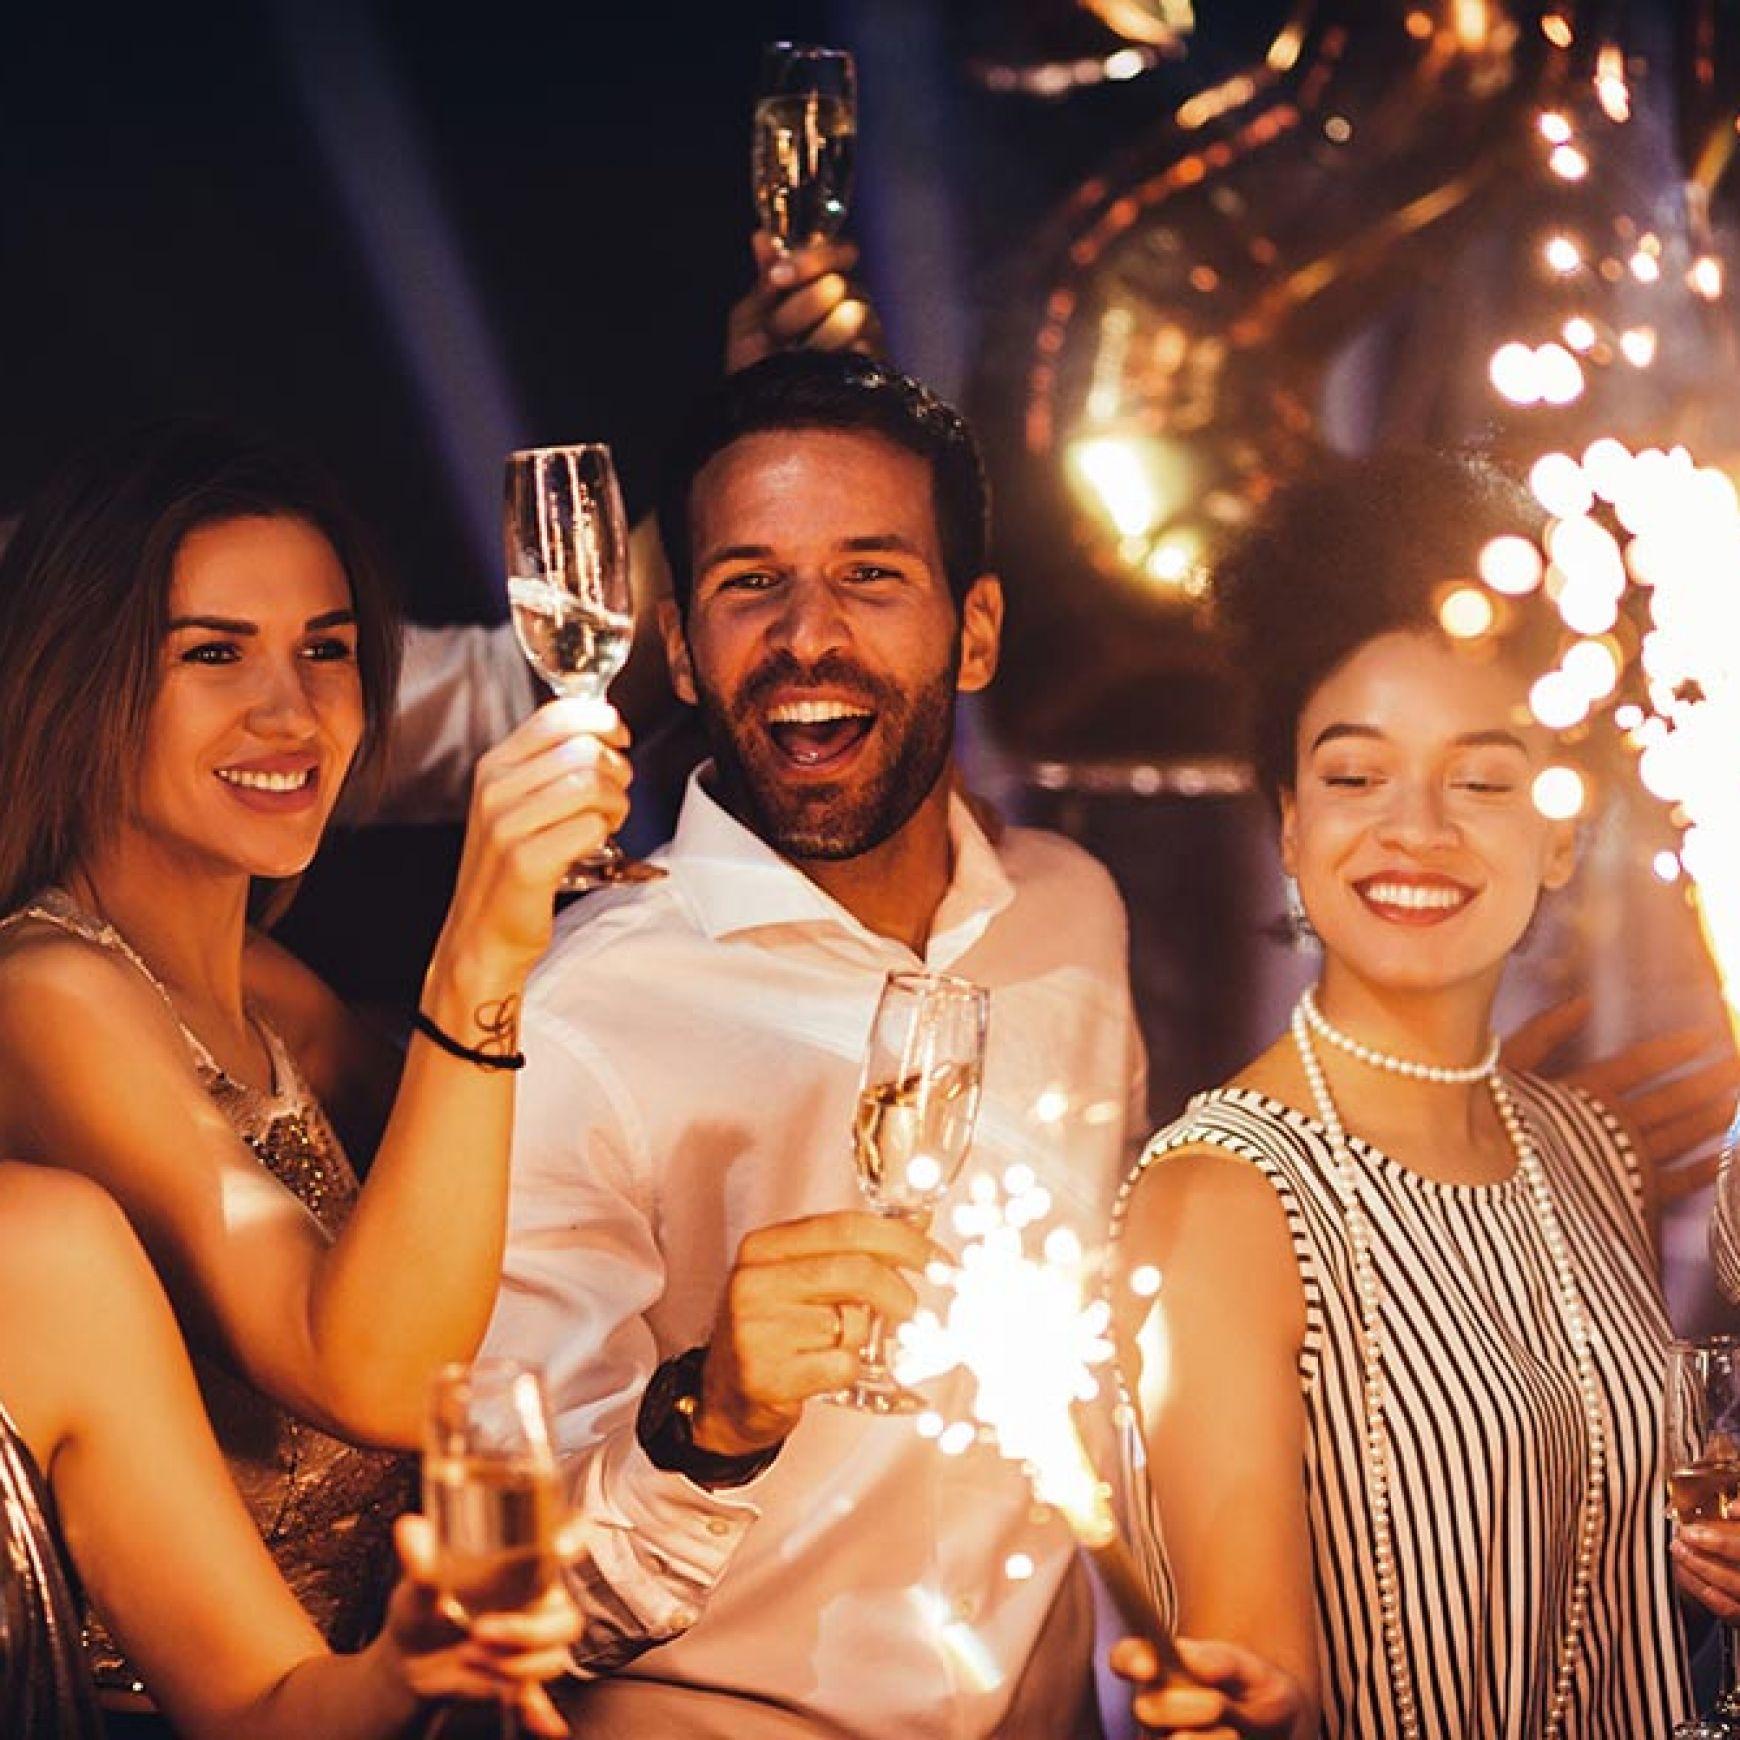 Spettacoli e come organizzare una festa di compleanno 50 anni